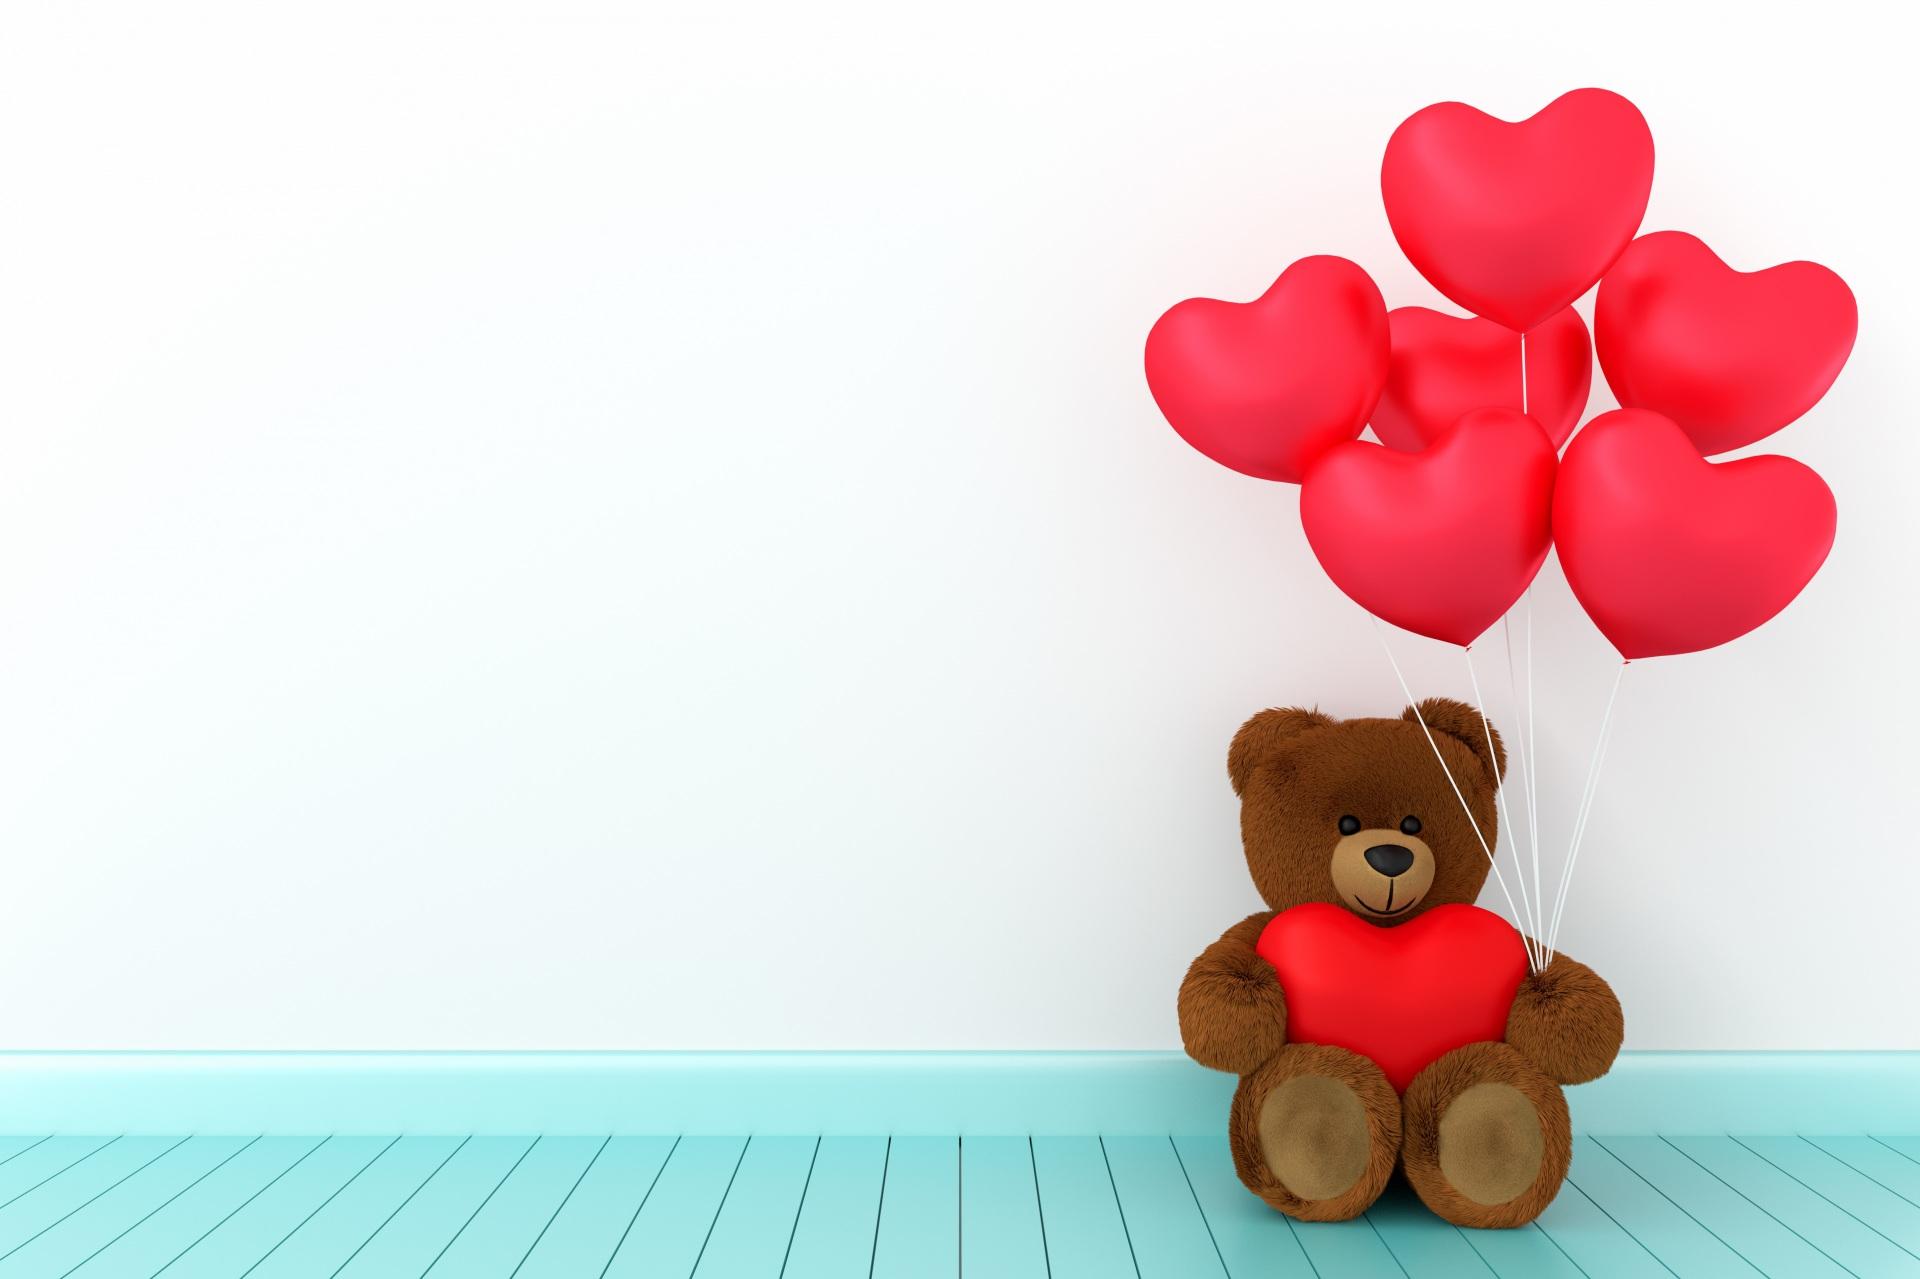 Фото День всех влюблённых сердца Воздушный шарик 3D Графика Мишки 1920x1279 День святого Валентина серце Сердце сердечко воздушные шарики воздушным шариком воздушных шариков 3д Плюшевый мишка